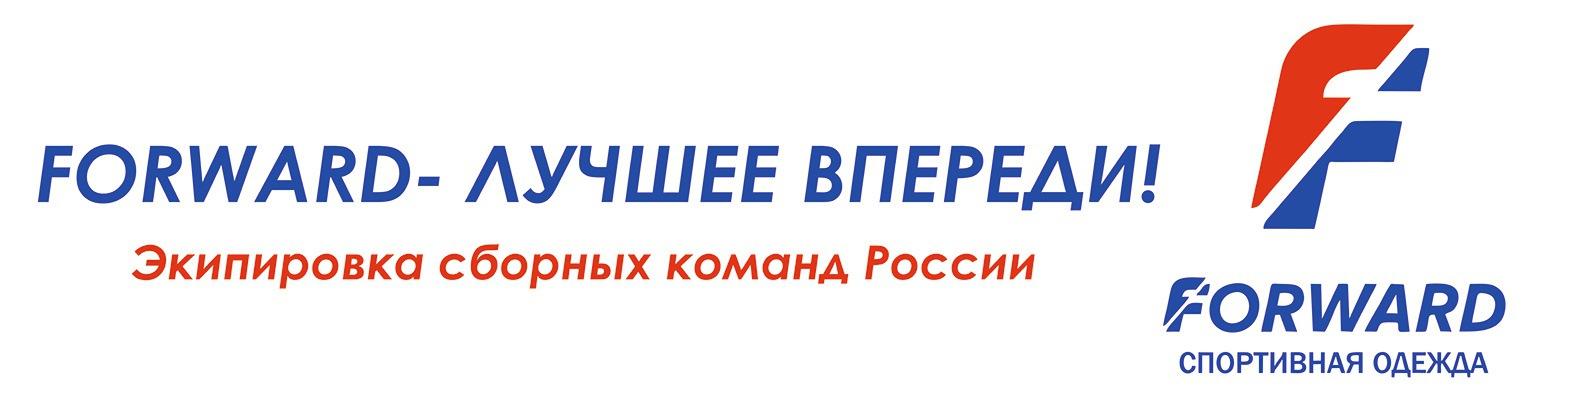 e4f3b253c7d Forward - Пермь